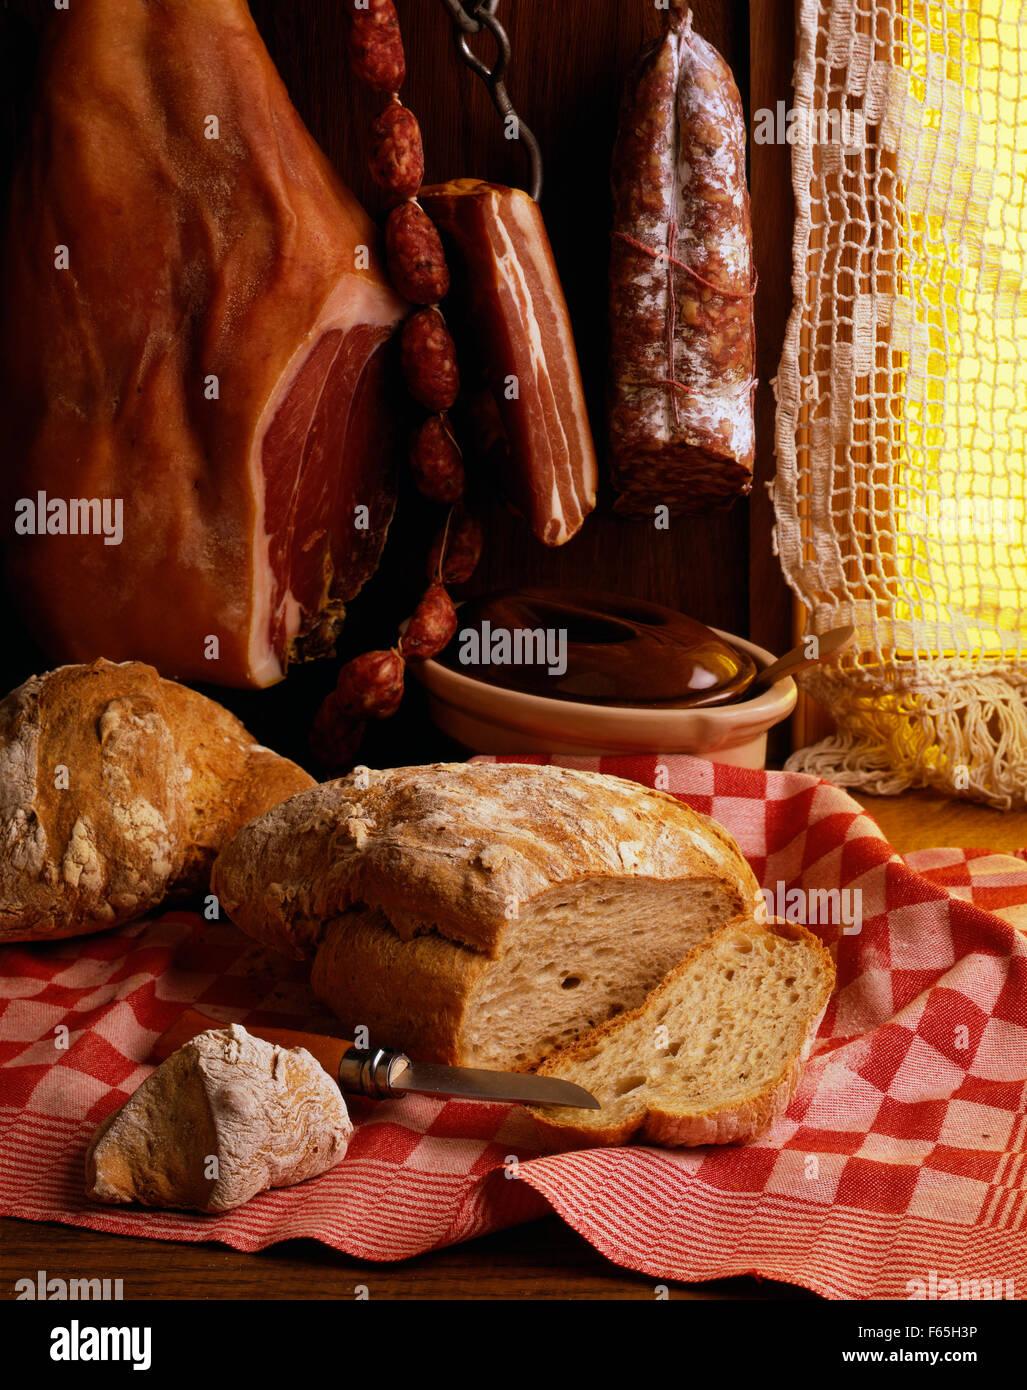 Gekochtes Schweinefleisch und Brot Stockfoto